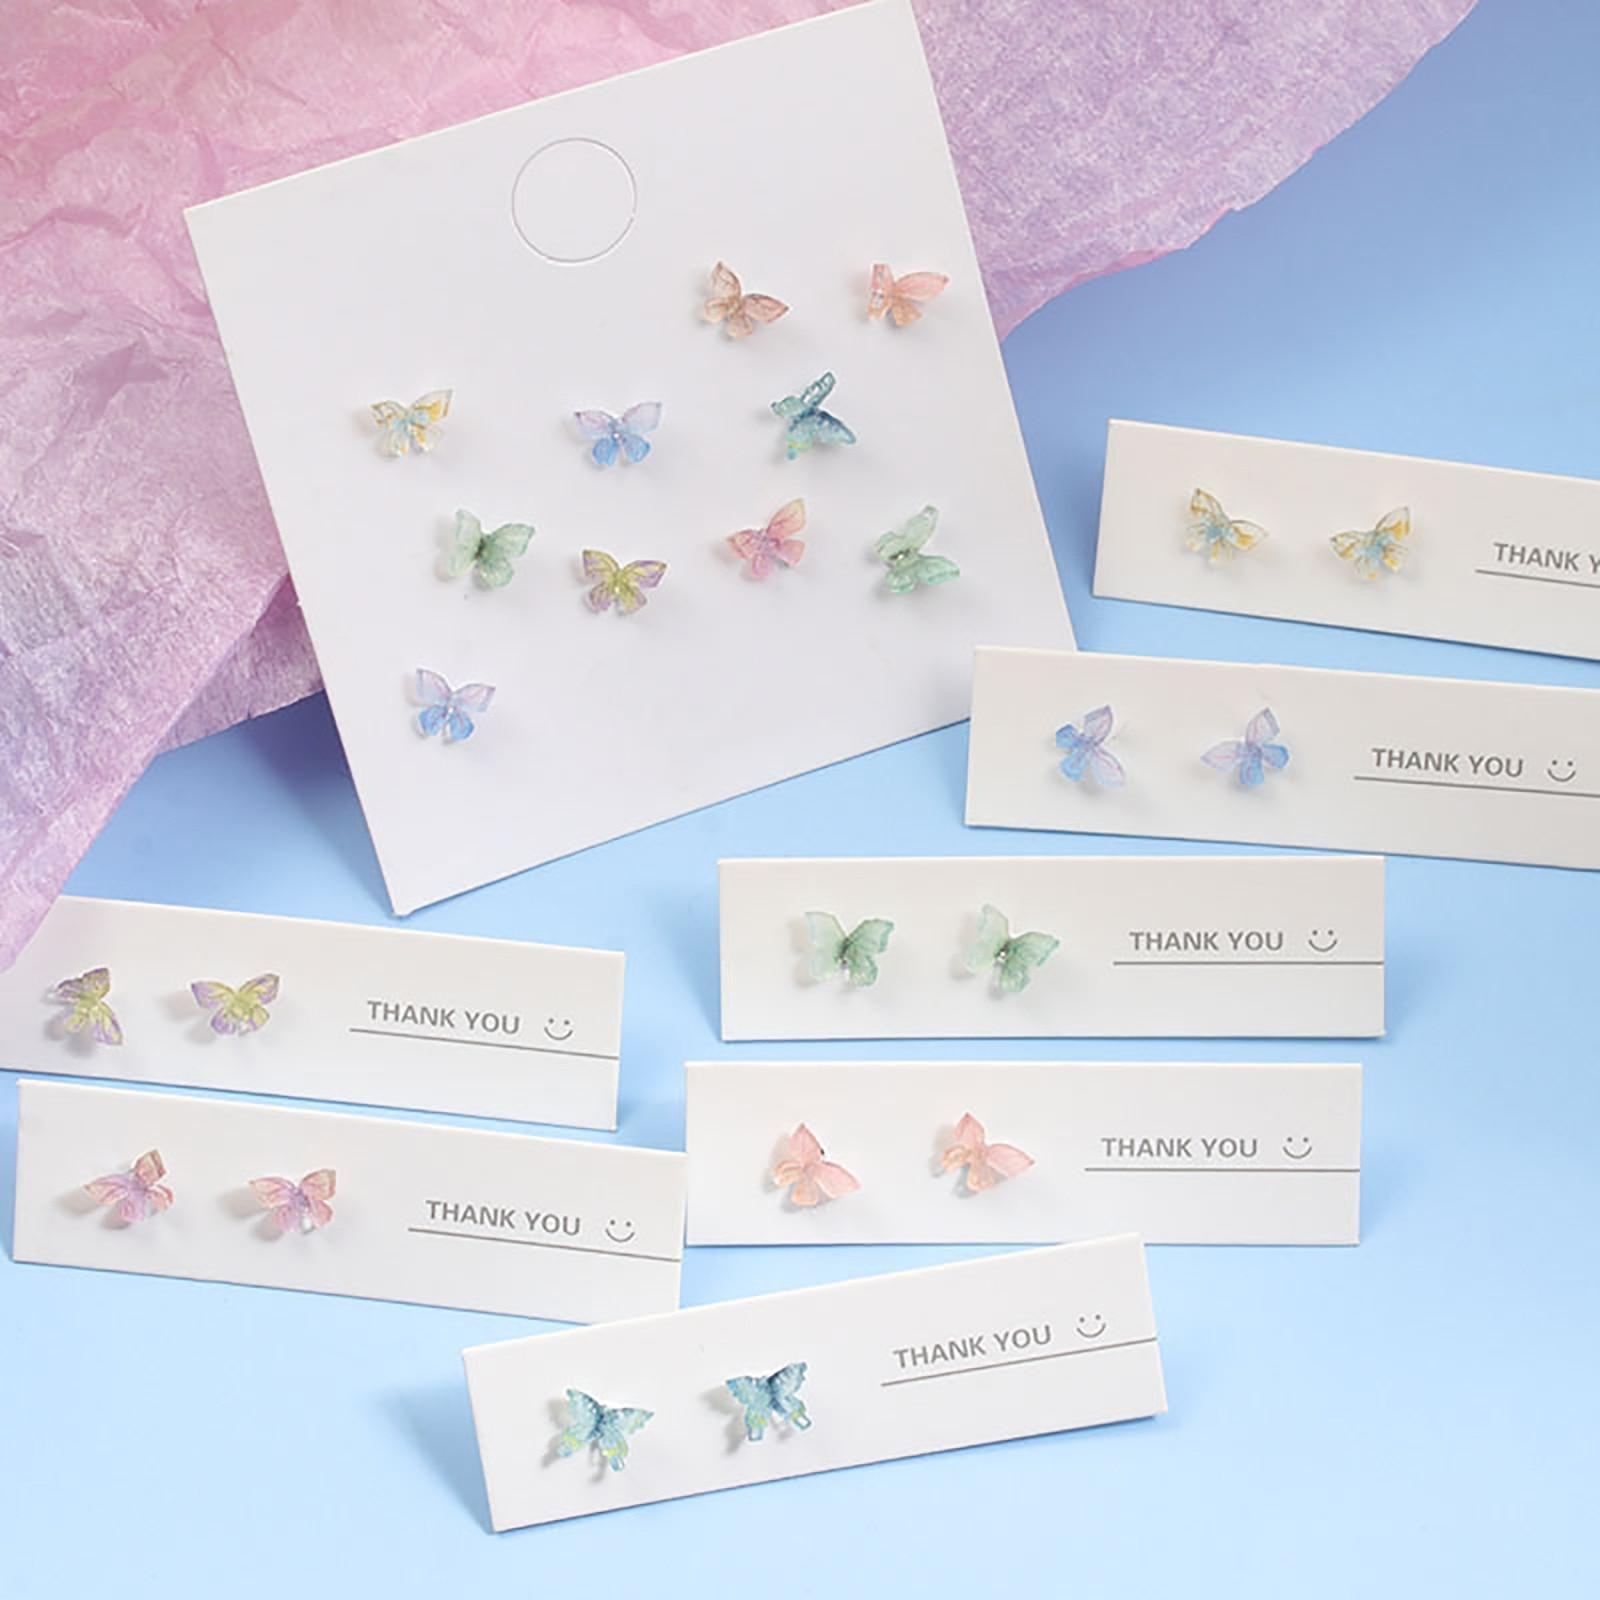 Модные-925-стерлингового-серебра-и-смолы-столб-уха-бабочки-серьги-гвоздики-Набор-для-изготовления-бижутерии-Цвет-бабочка-животный-принт-Биж